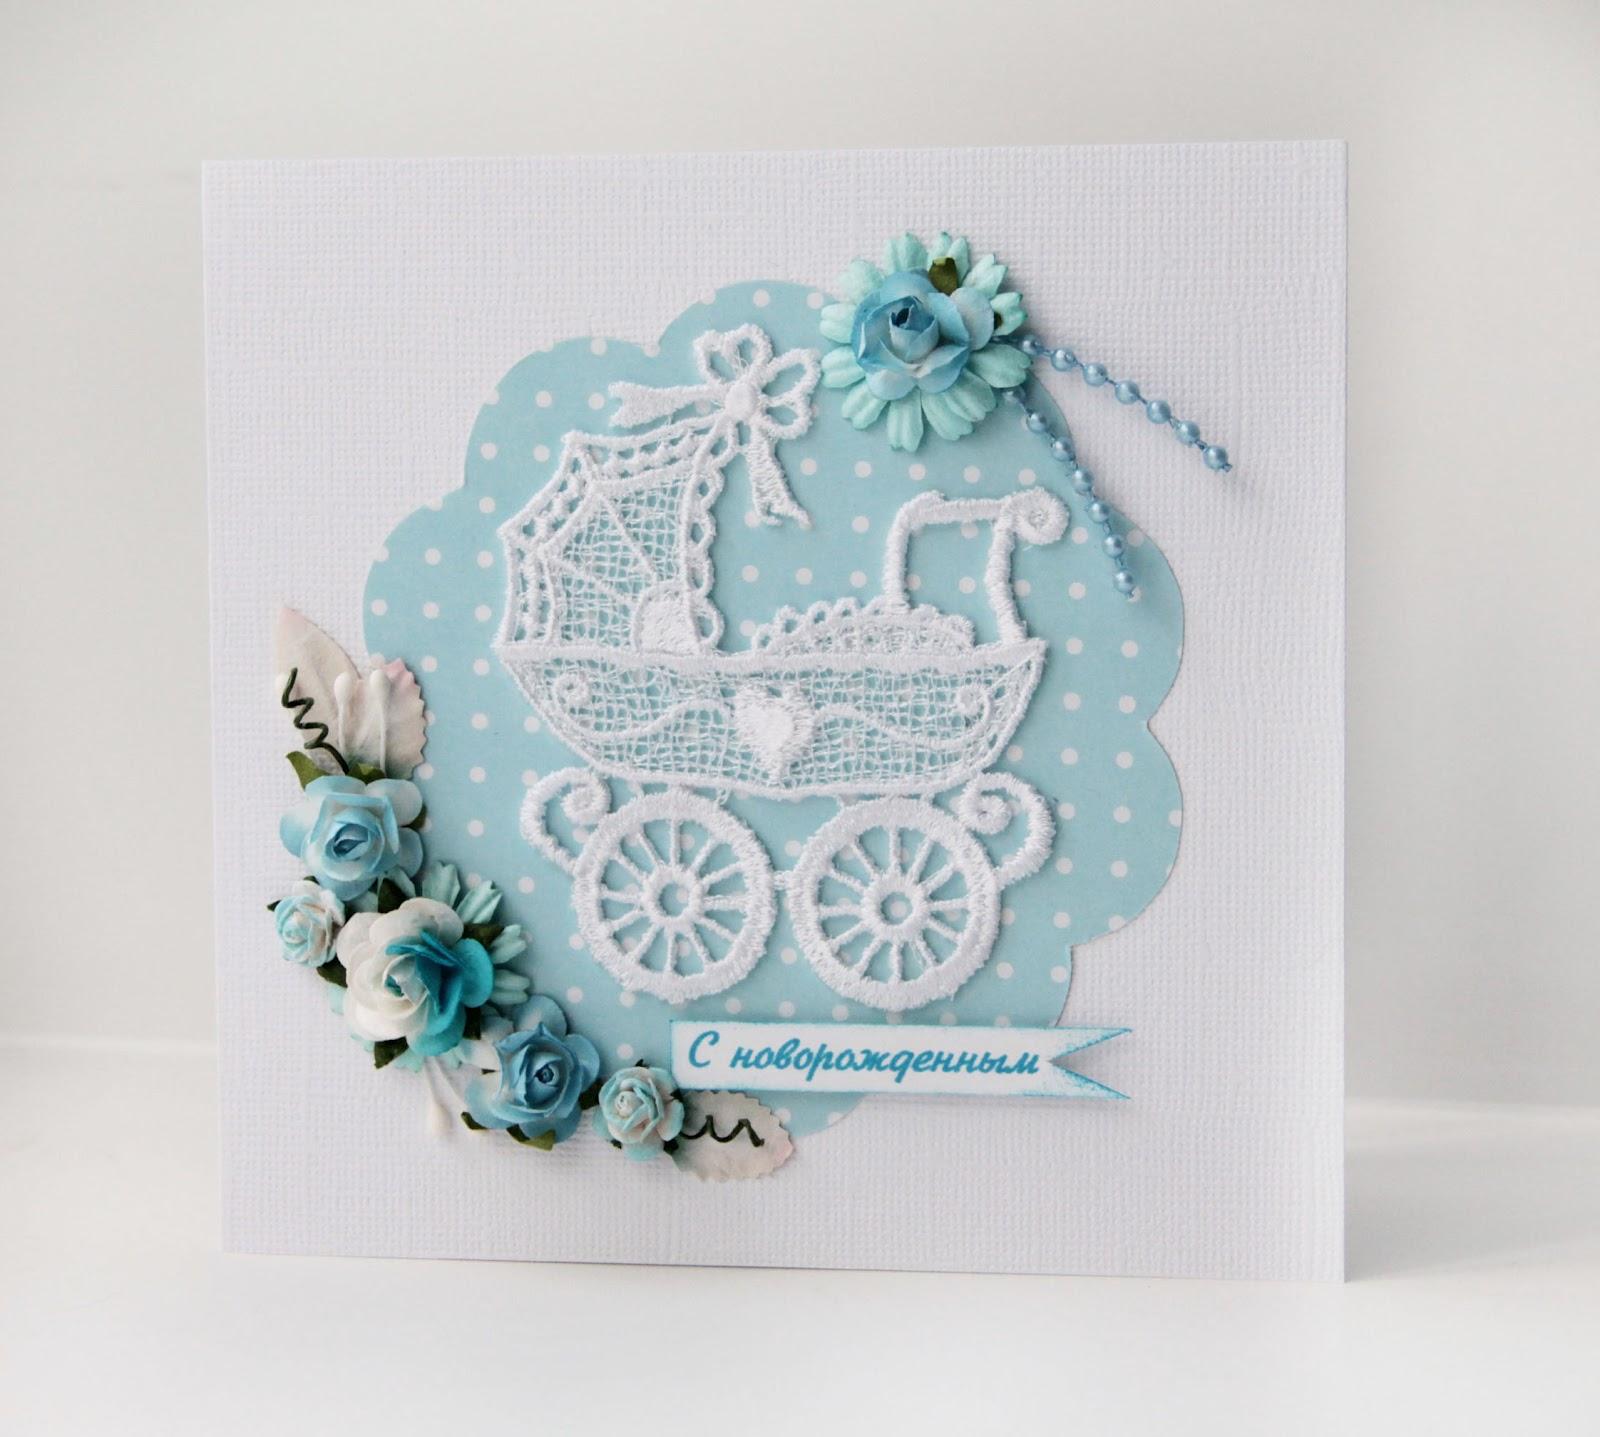 Стихи, открытка поздравление с новорожденным своими руками